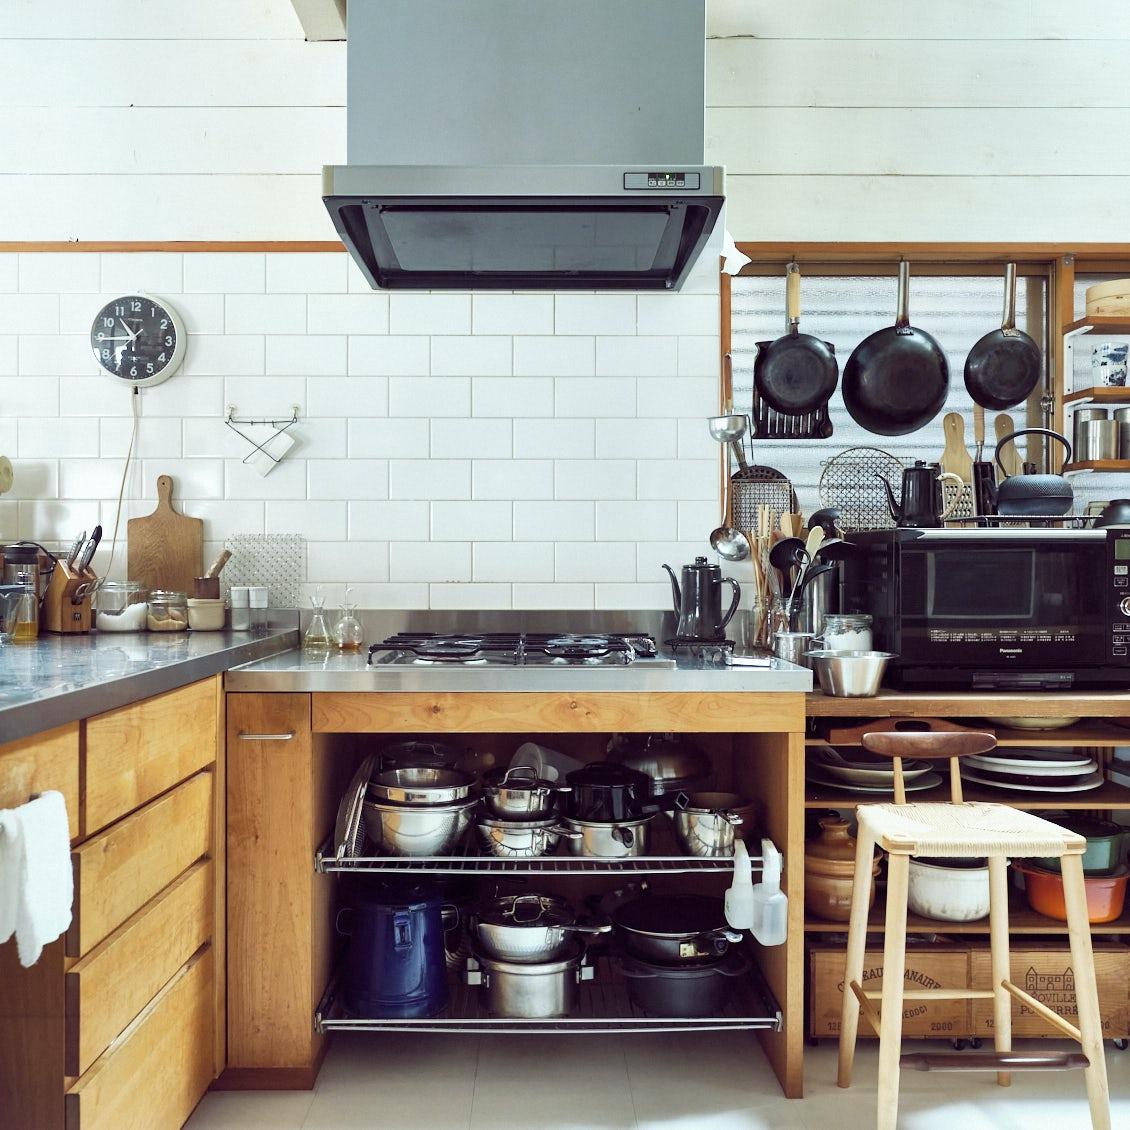 【道具好きの台所】第1話:台所道具選びのプロに聞く、キッチン収納の工夫